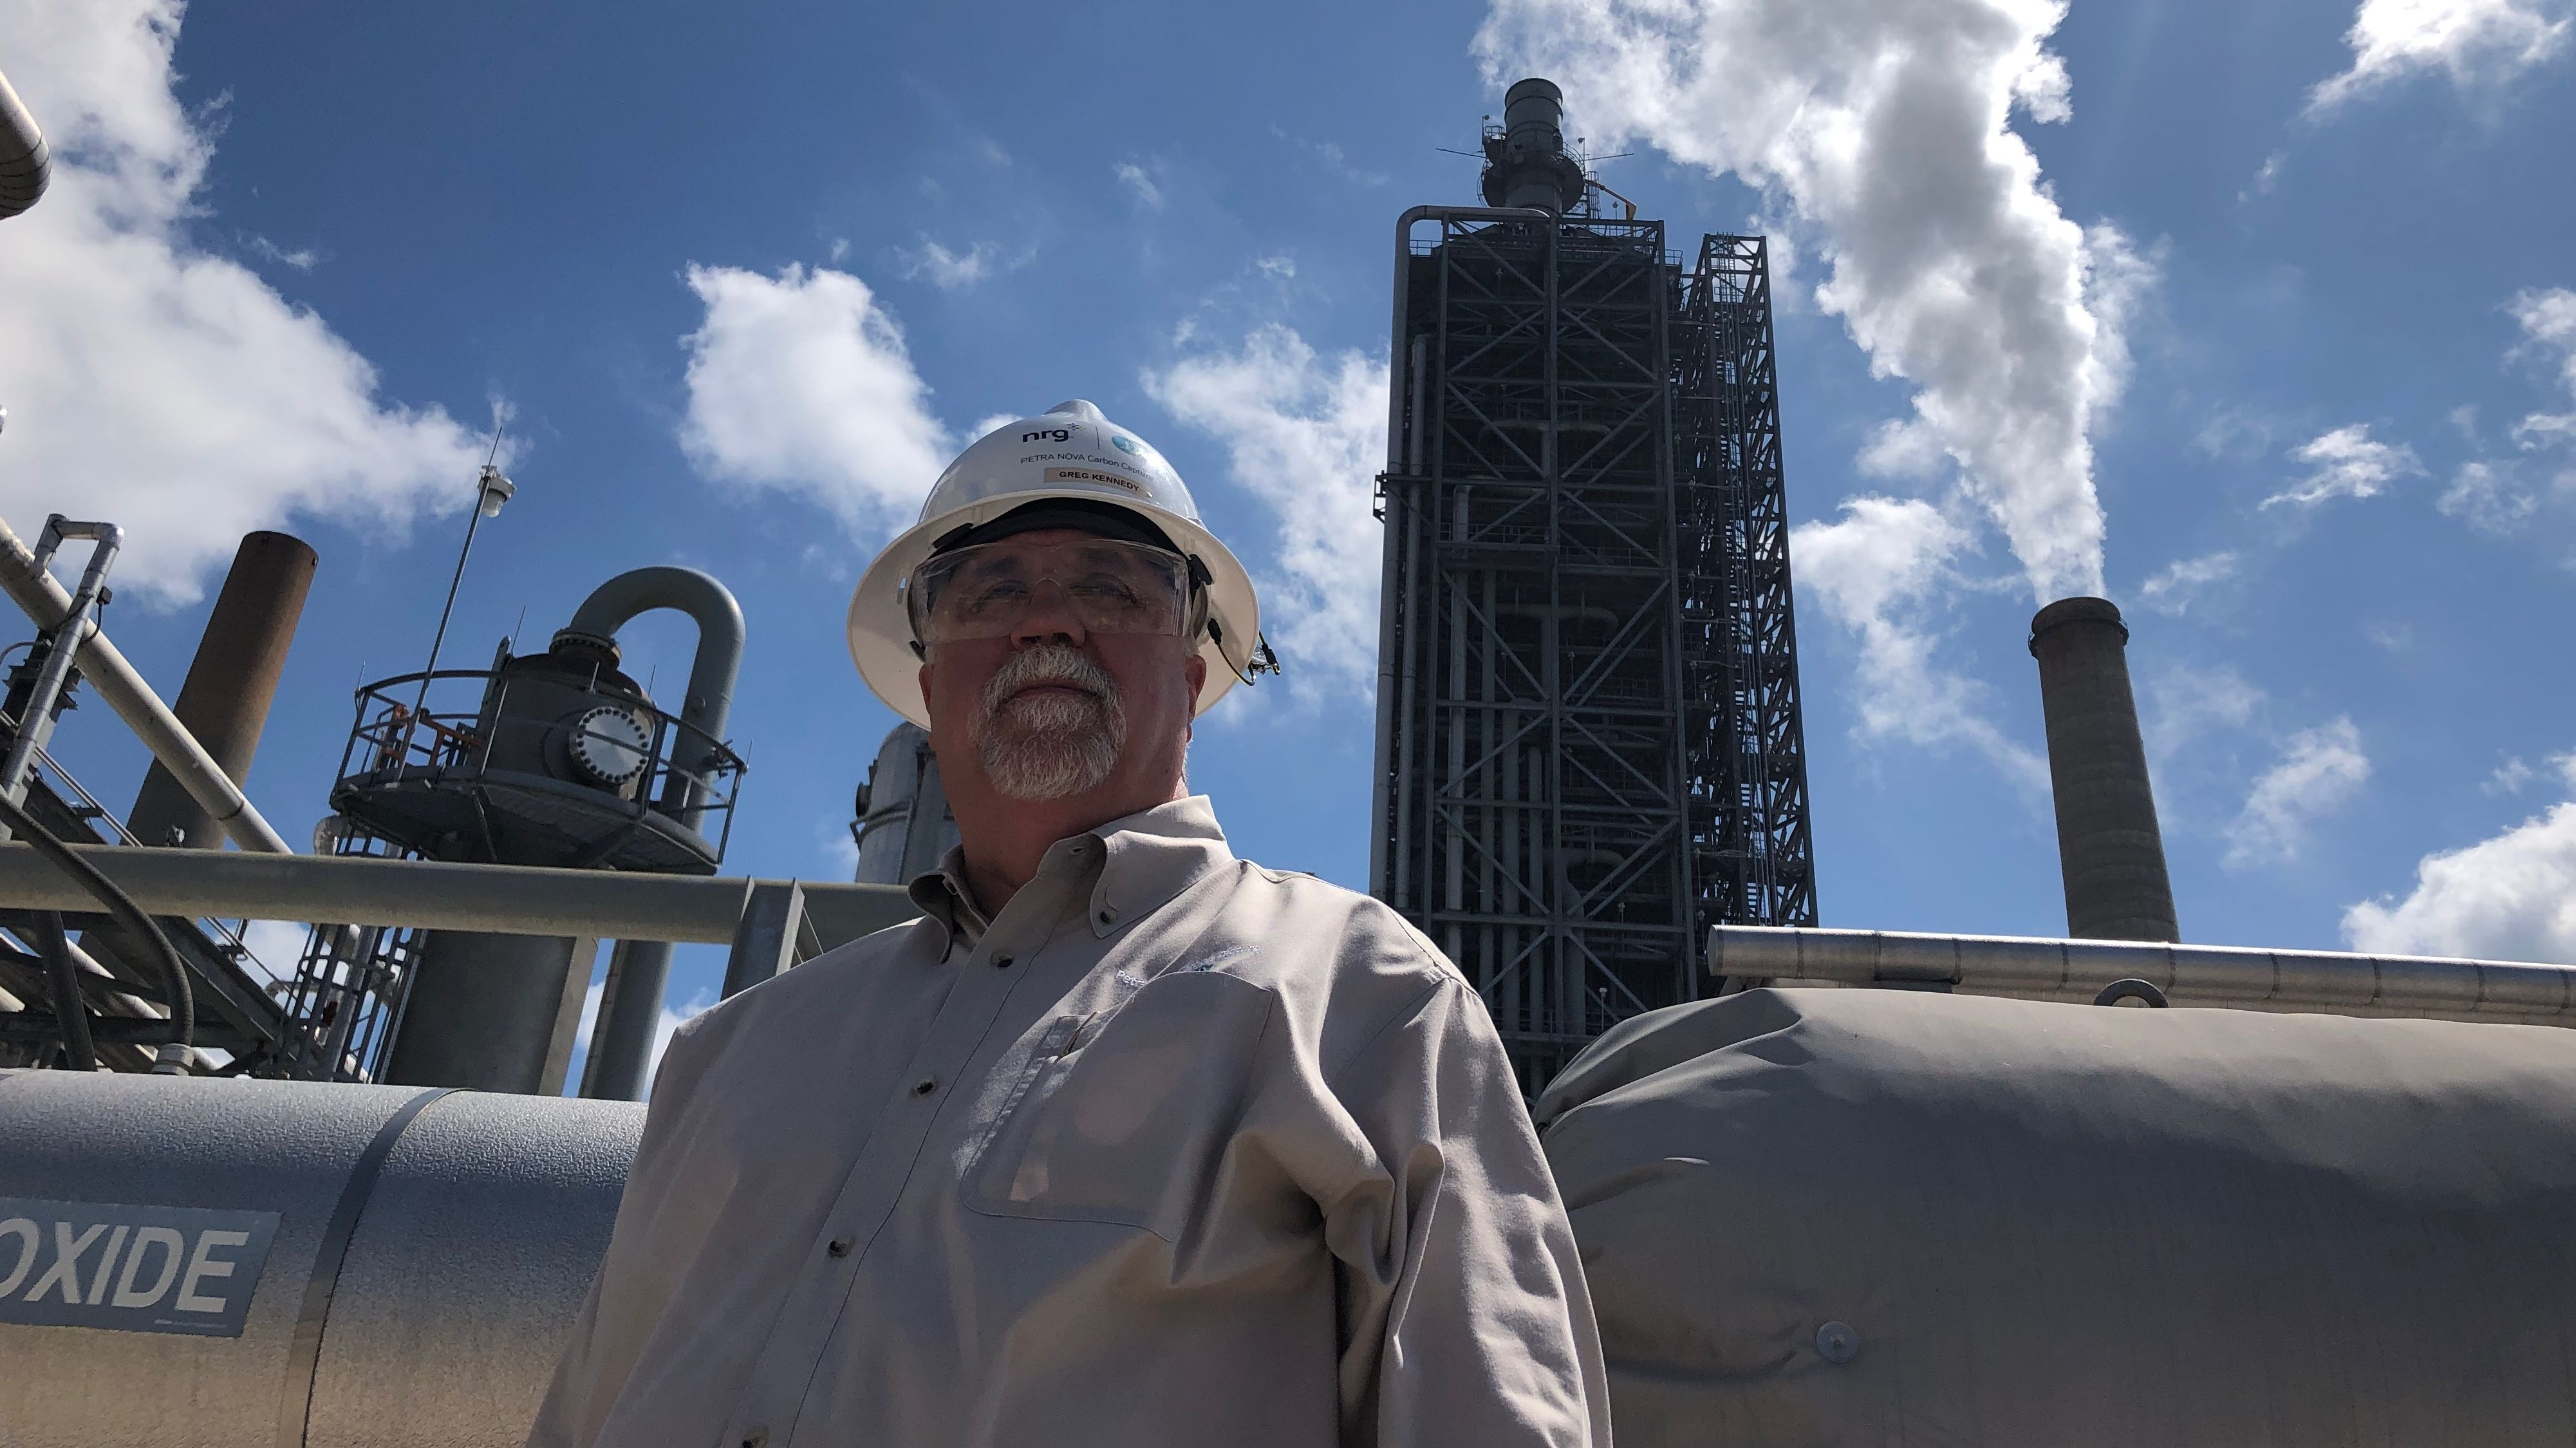 Produktionsleiter Robert Pates wacht über das Freeport LNG Terminal. Es soll eines der größten der Welt werden.